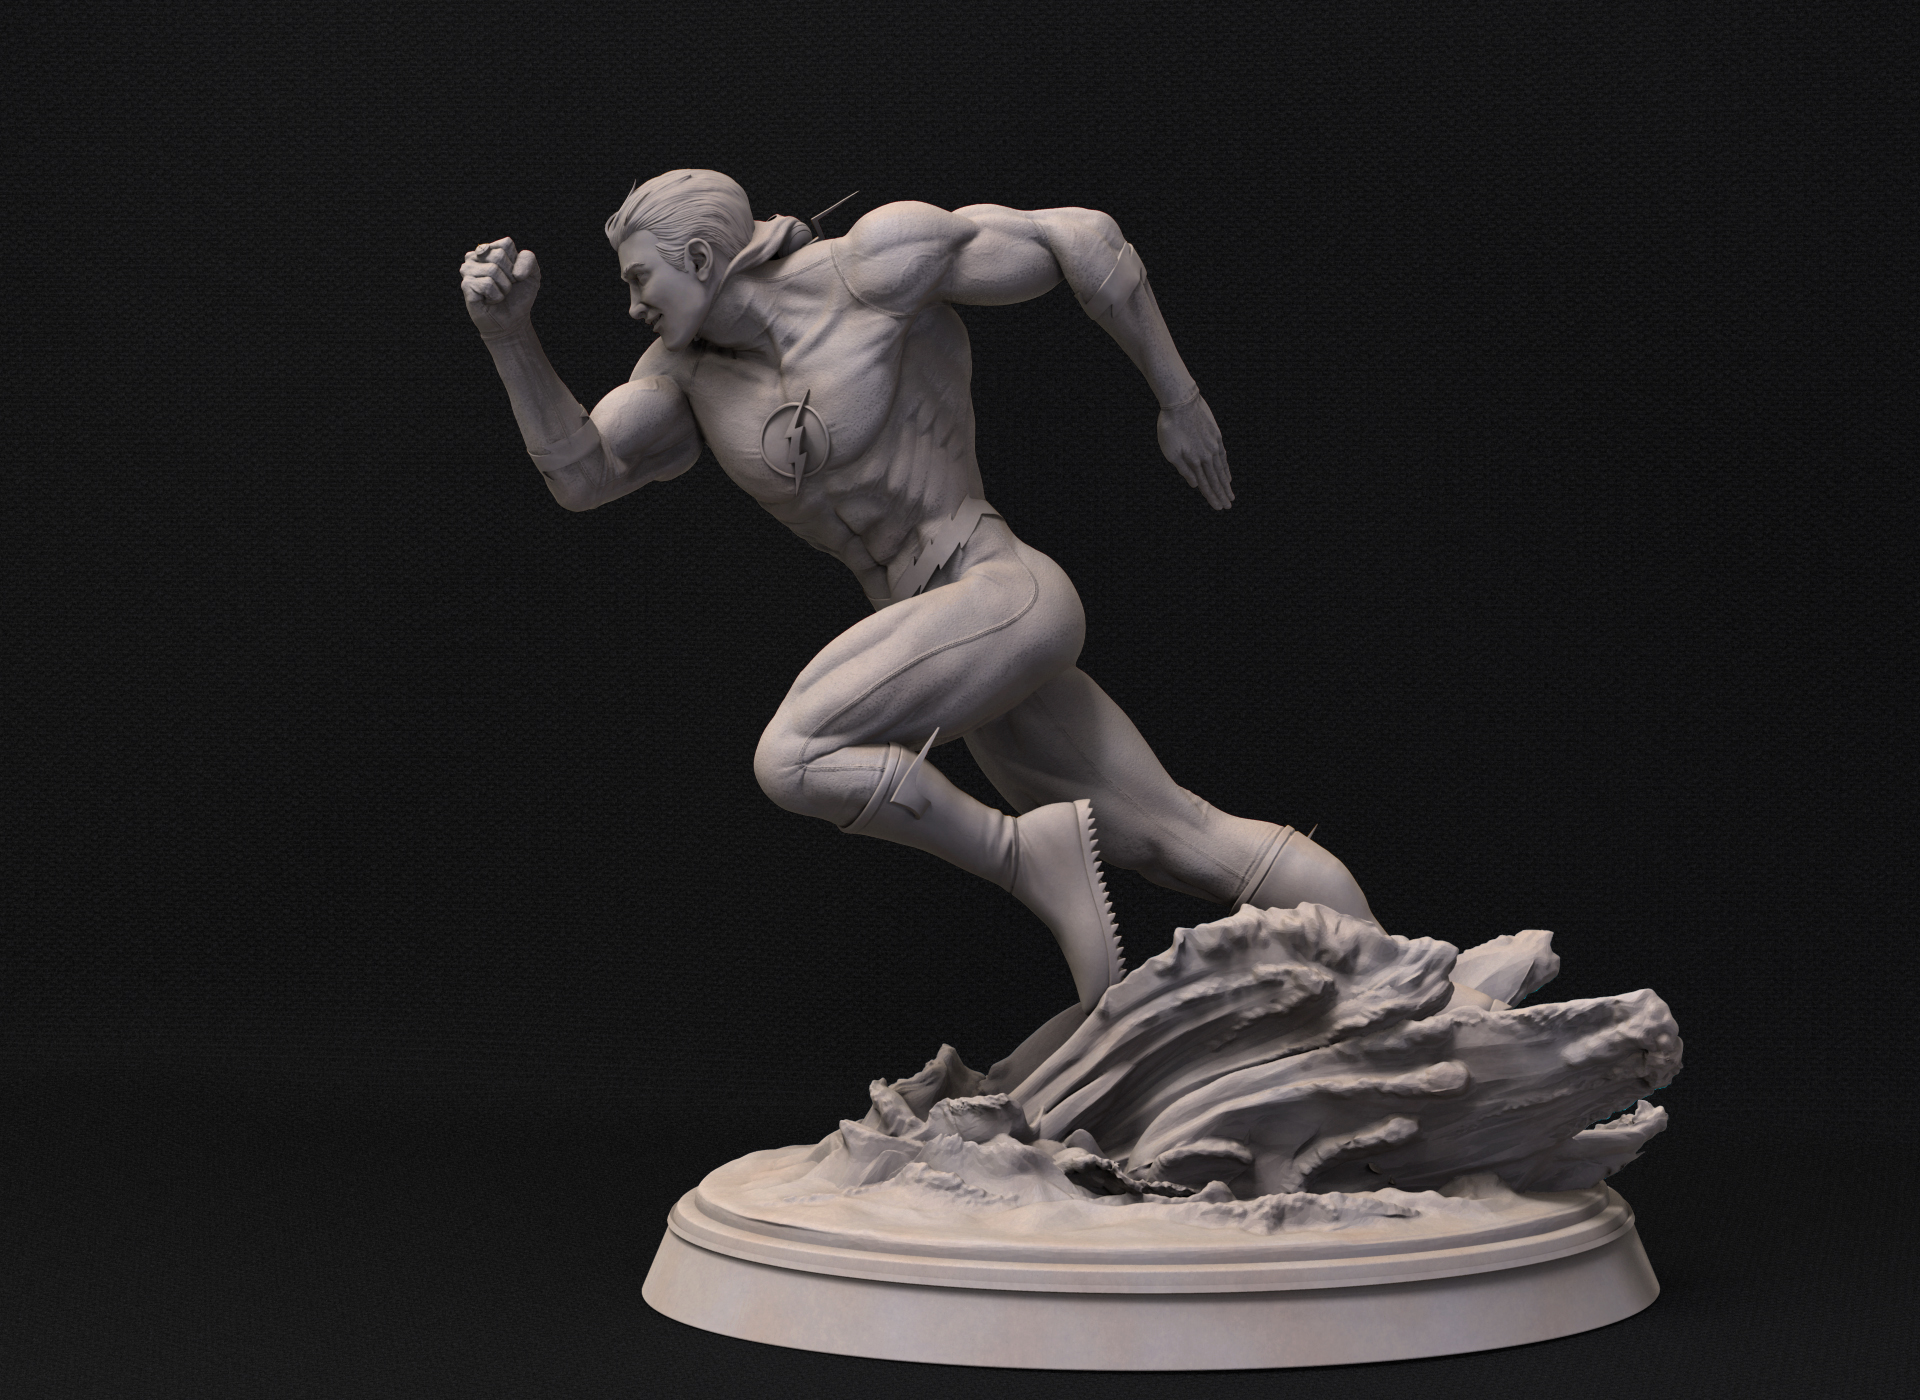 Figura de Flash con traje clásico sin máscara